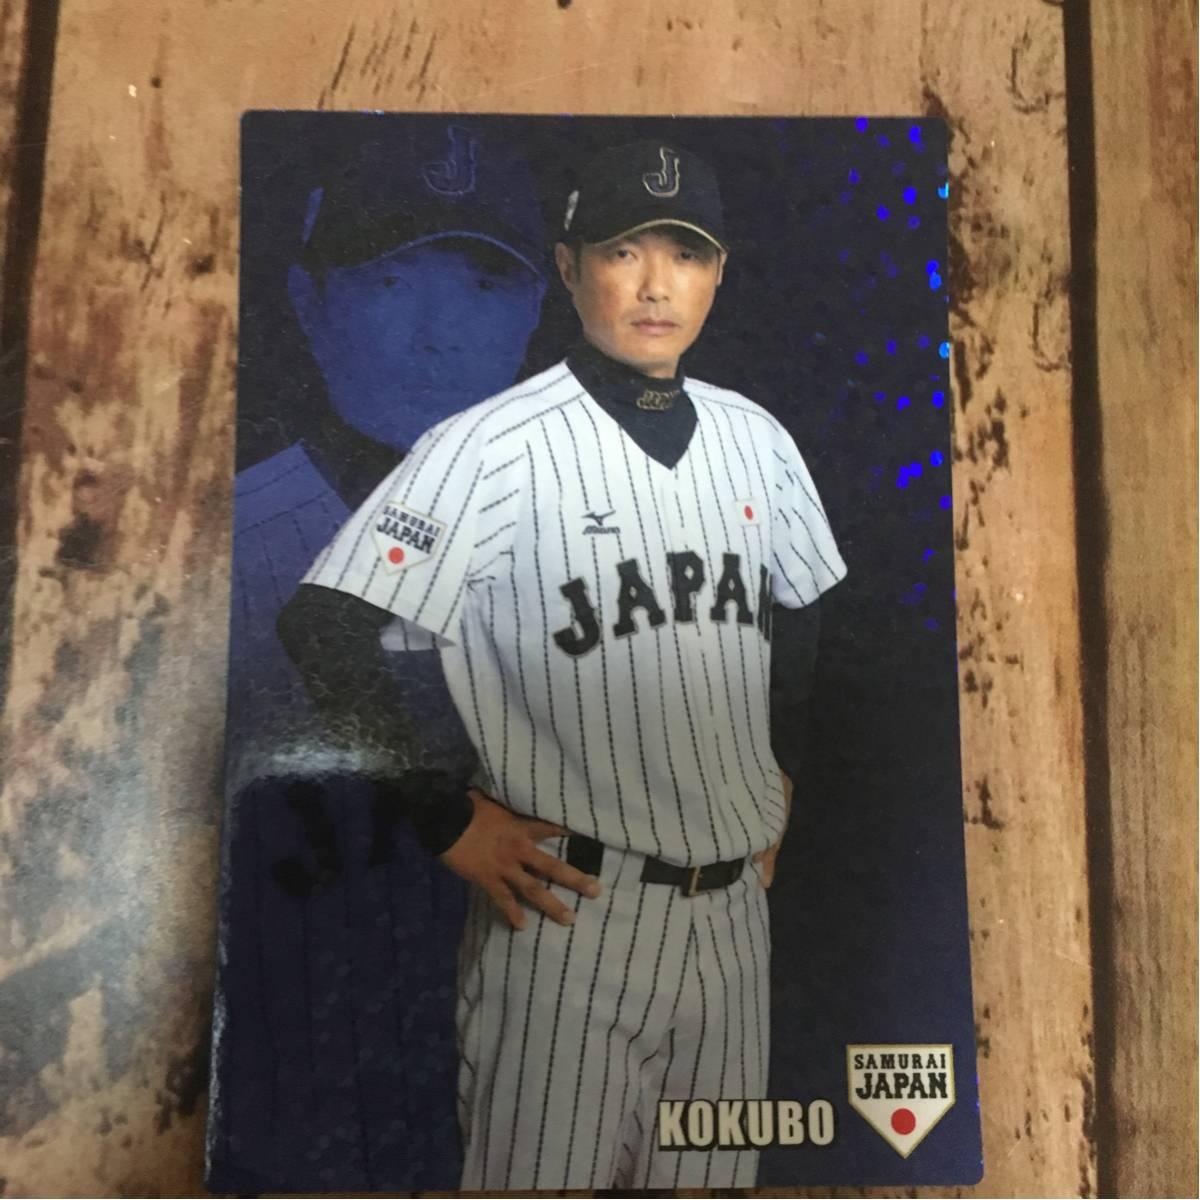 【送料無料】小久保 監督 日本代表 侍ジャパン プロ野球チップス 2016 カルビー SJ-01_画像3